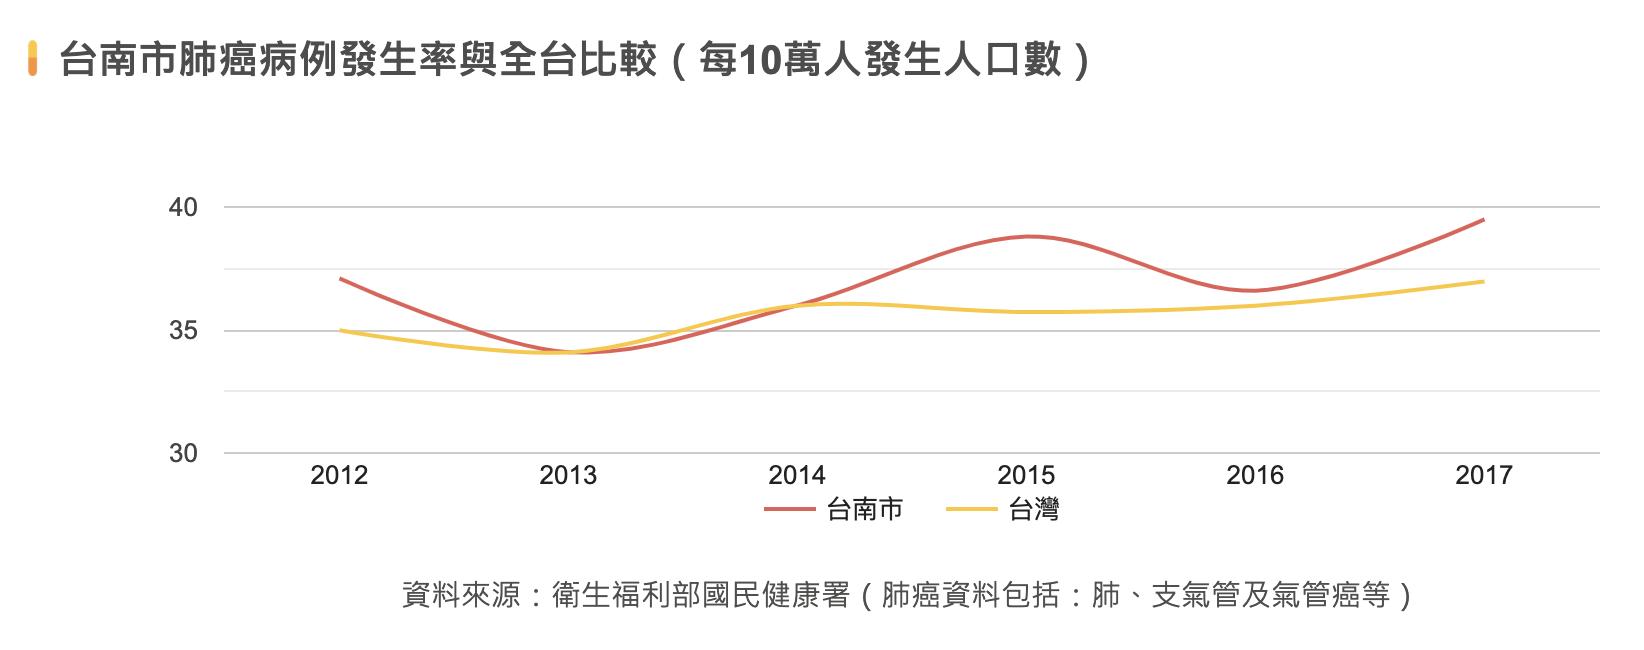 台南市肺癌發生率比較圖